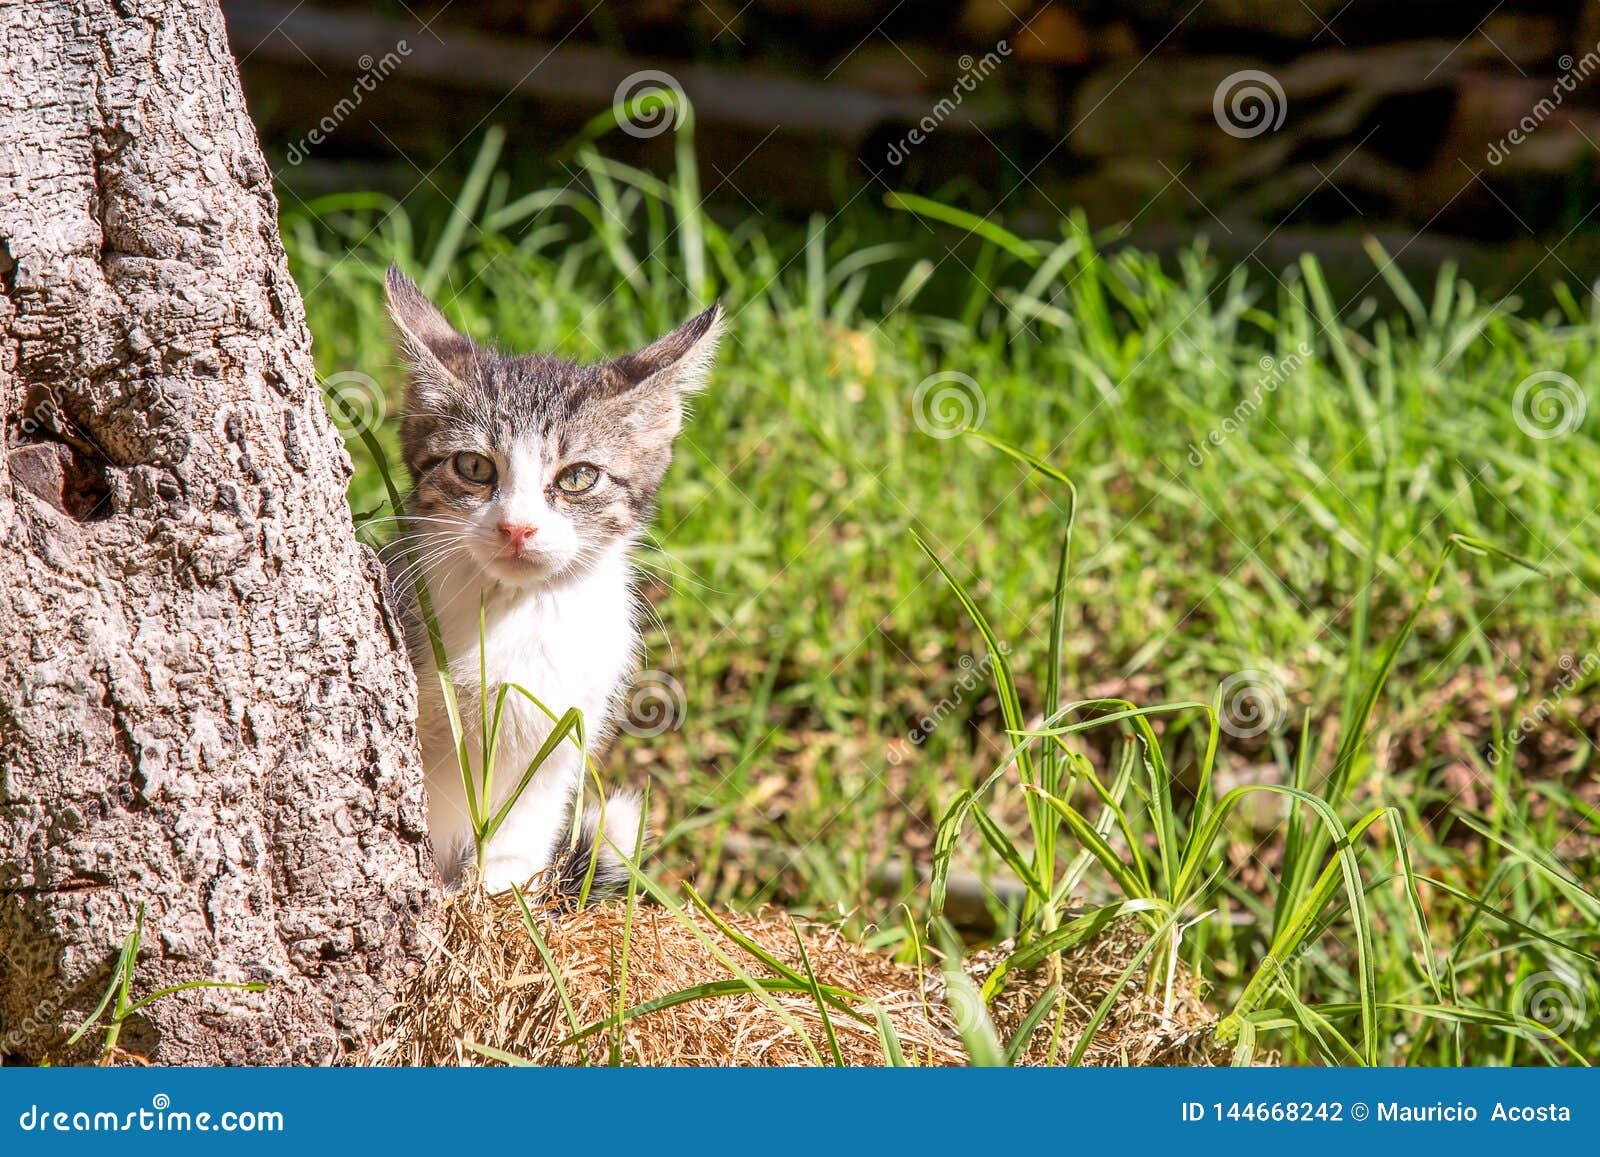 Vit och för grå färger liten katt bak ett träd